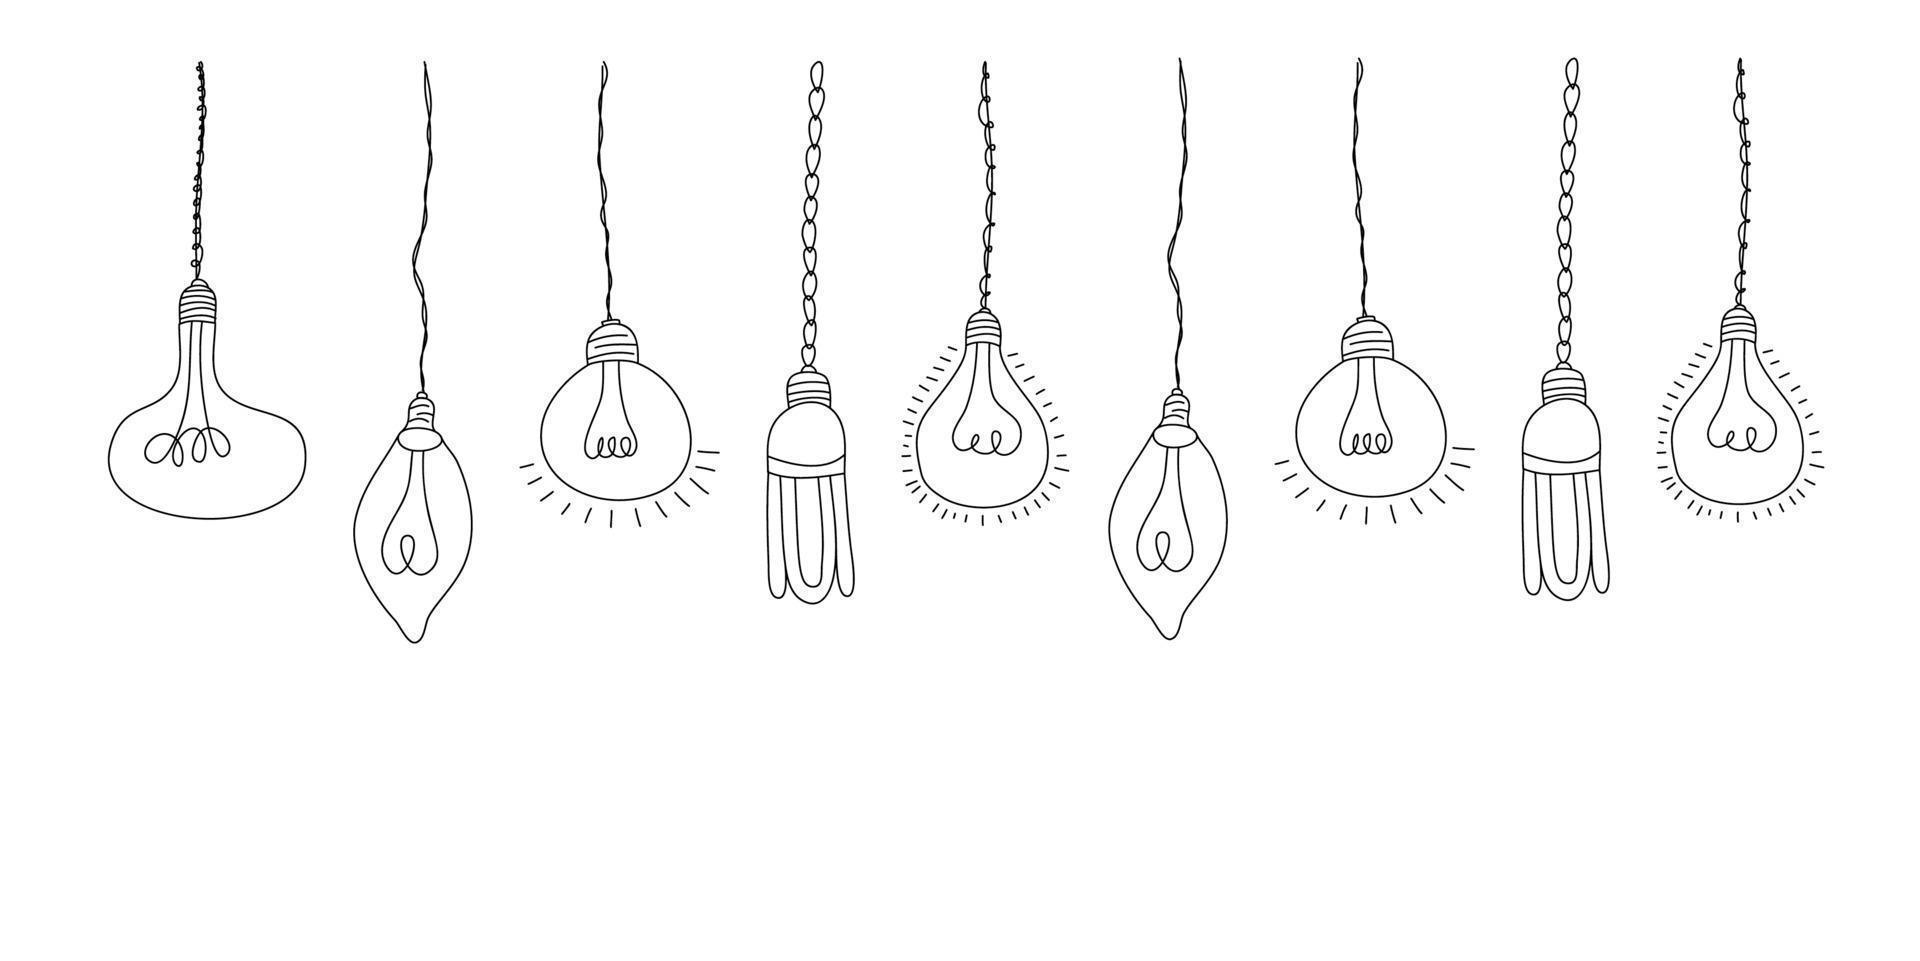 uppsättning vektor doodle illustration med hängande glödlampor. modern hipster skiss stil. element för design för interiör skiss, webb, affisch eller banner